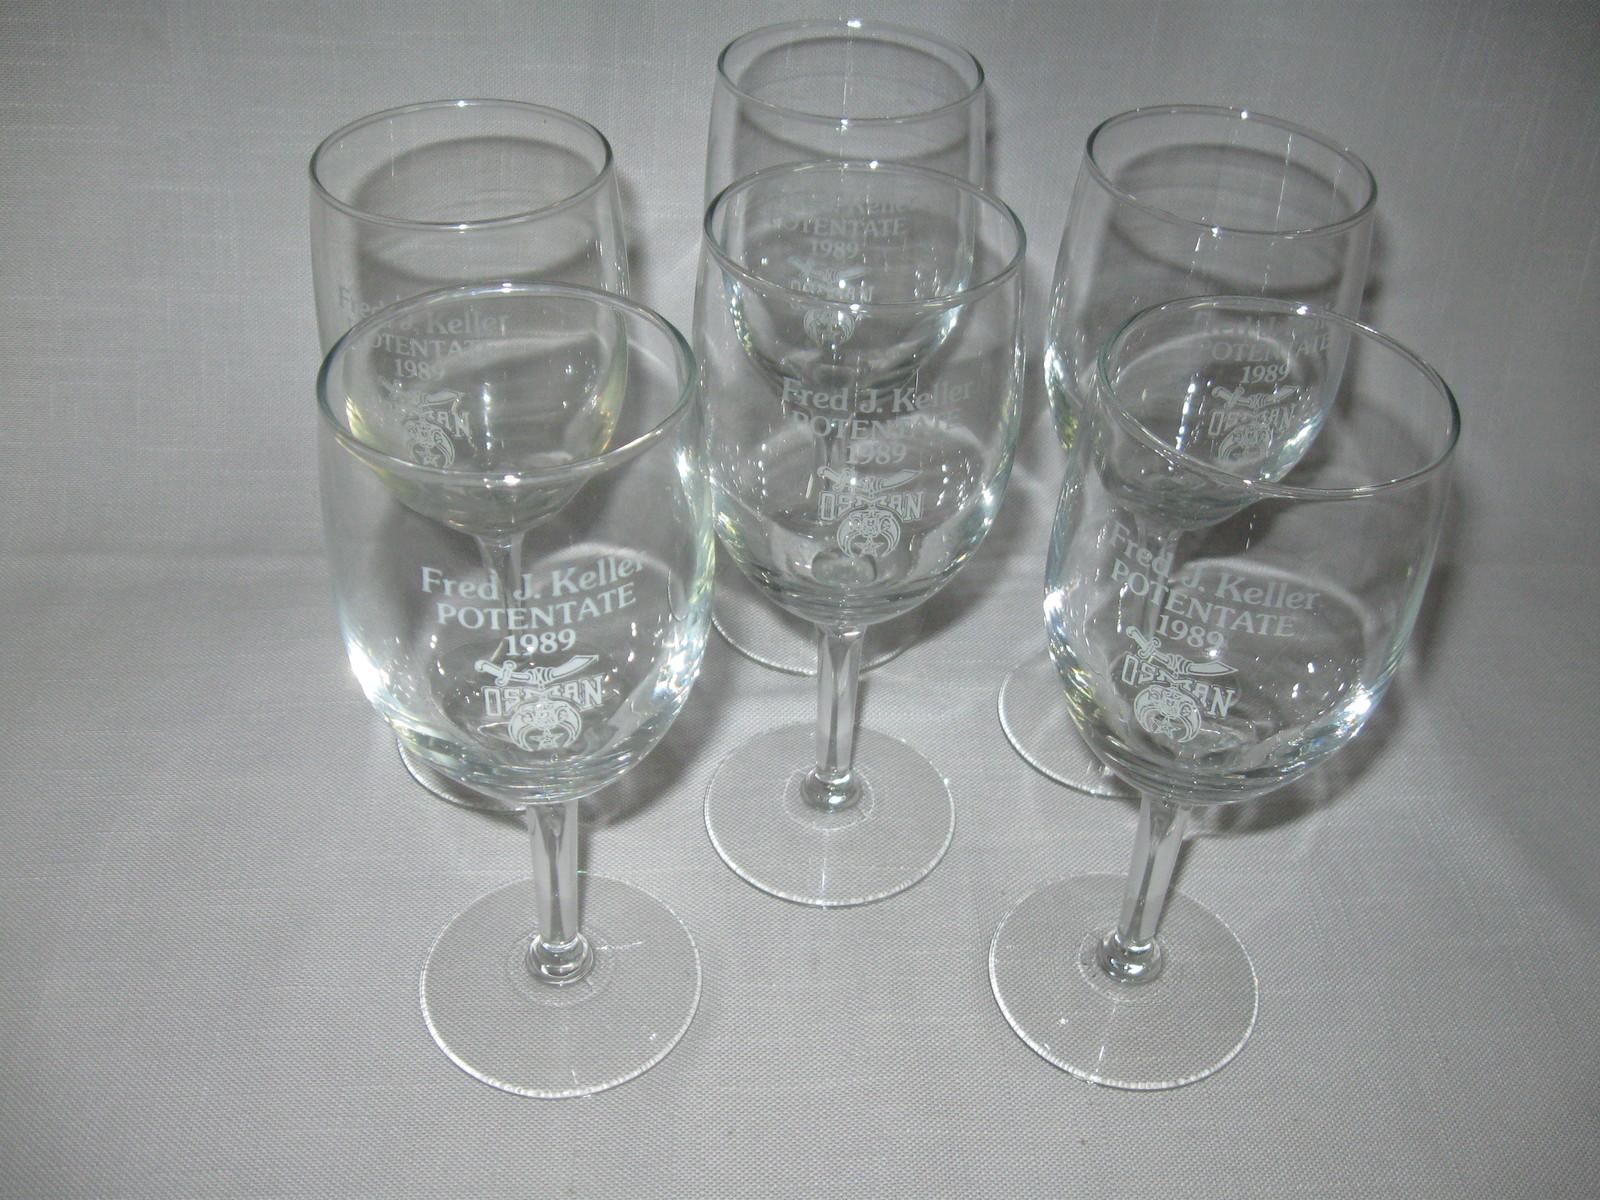 Crystal Clear Stem Wine Goblets Qty 6 Potentate Fred J Keller Osman Shrine 1989 - $16.95